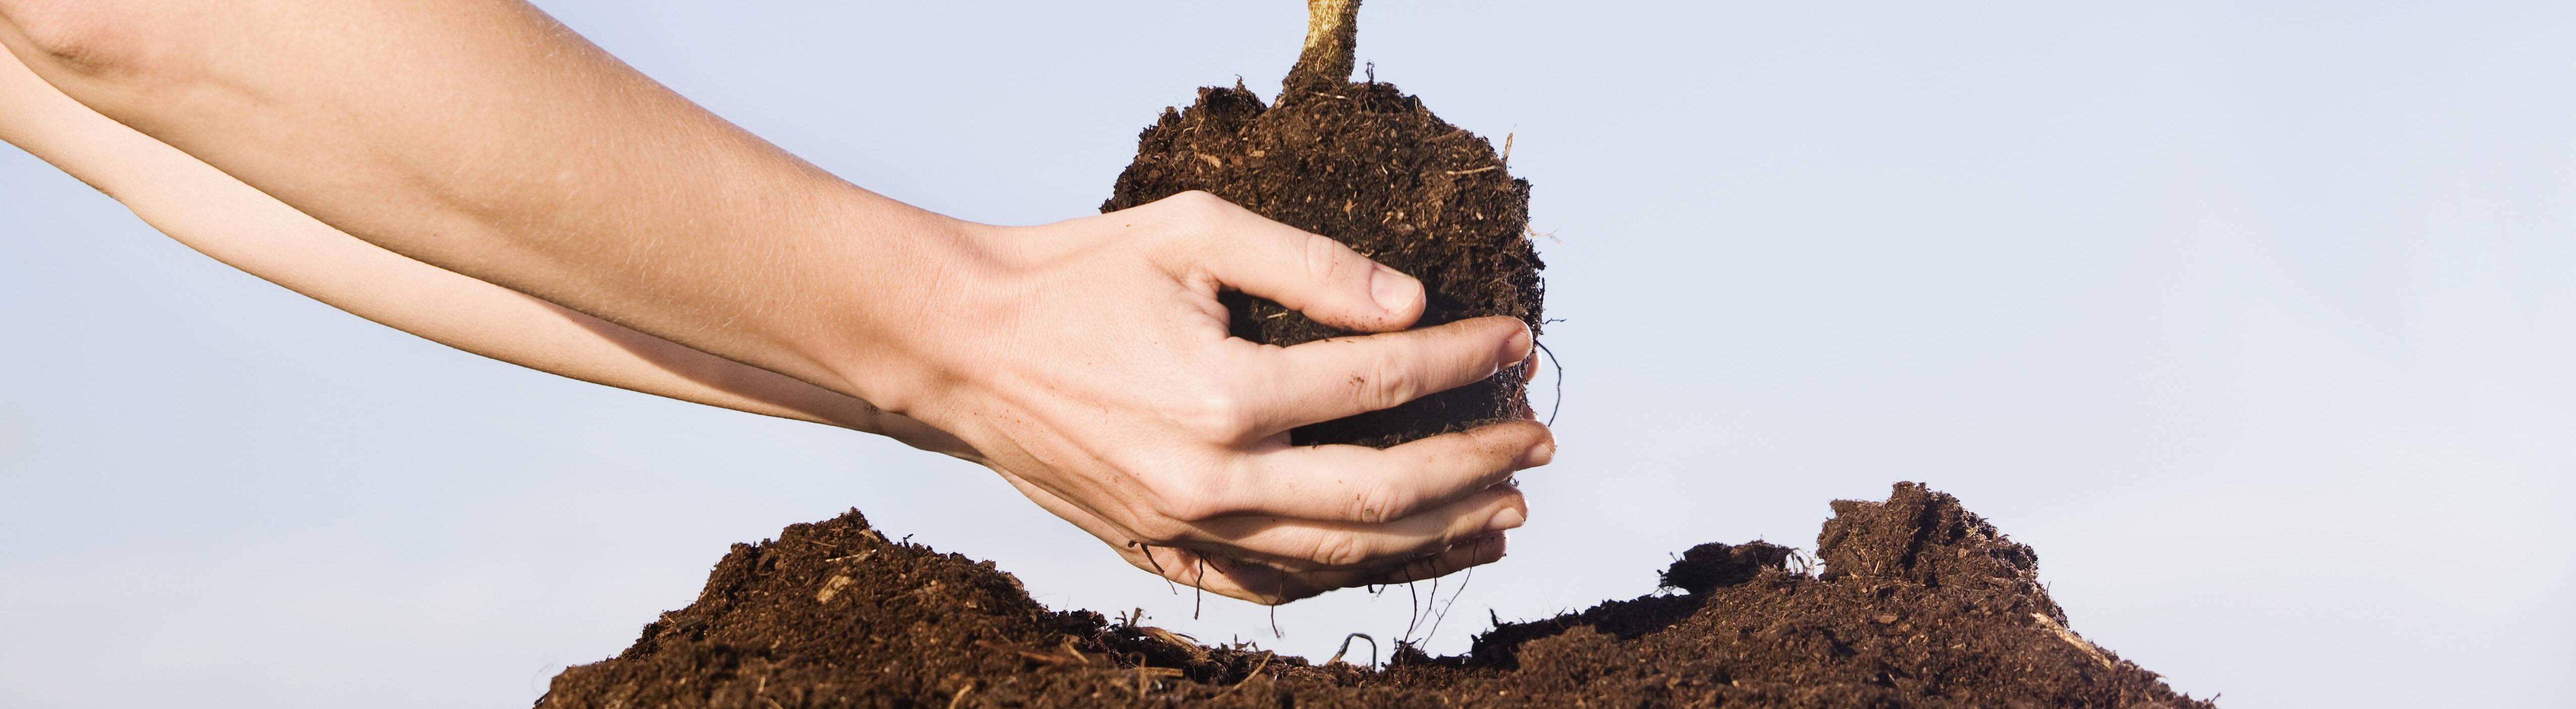 Mensch pflanzt Baumsetzling